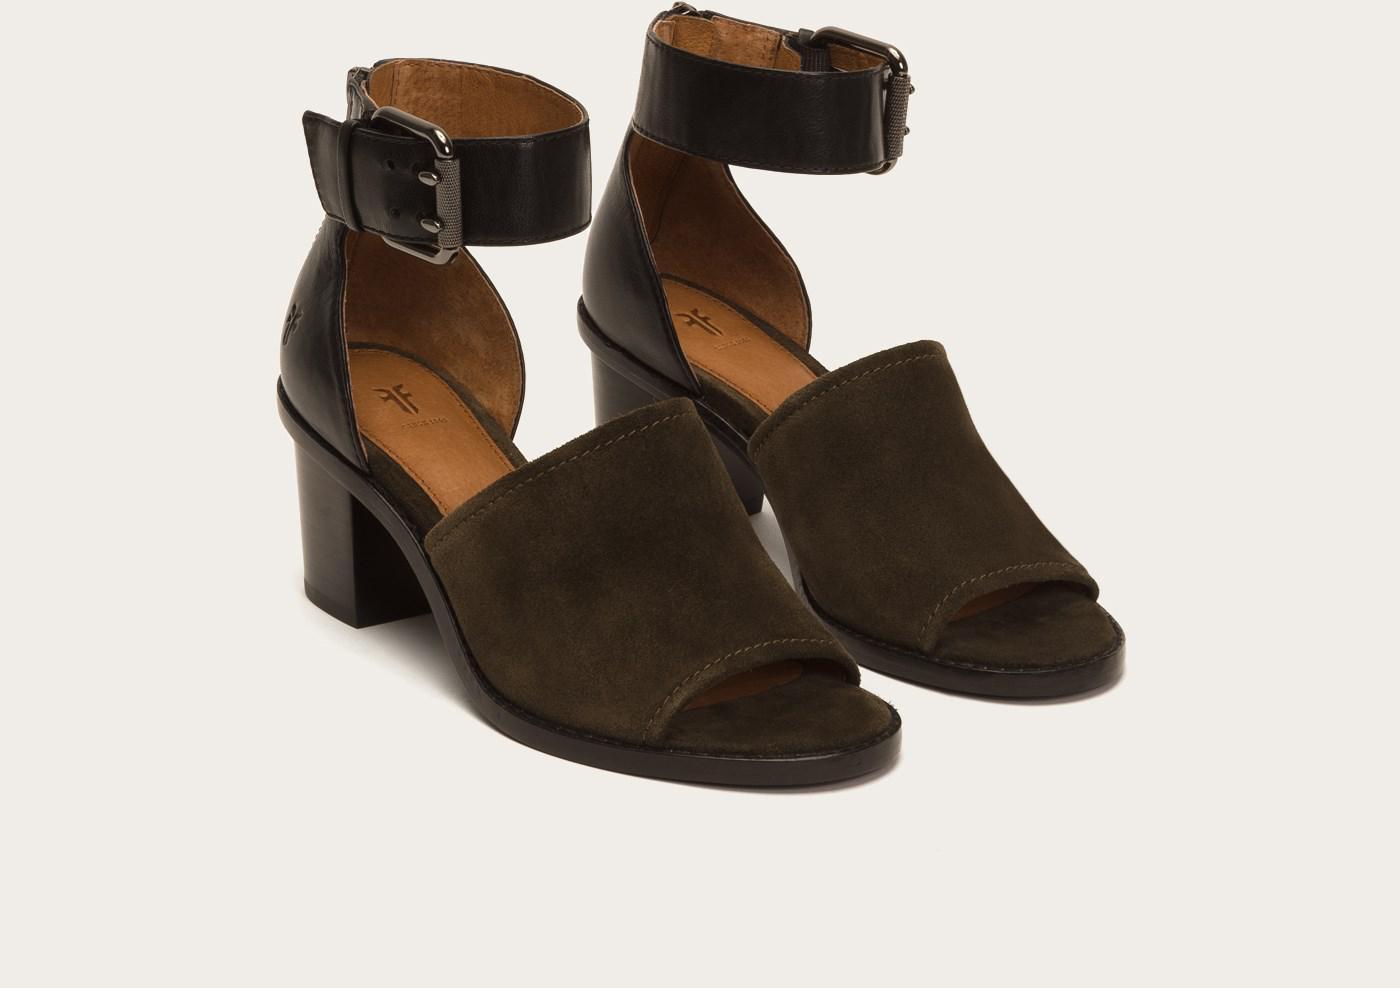 d0ba43ba2370bd Lyst - Frye Brielle Ankle Strap in Black